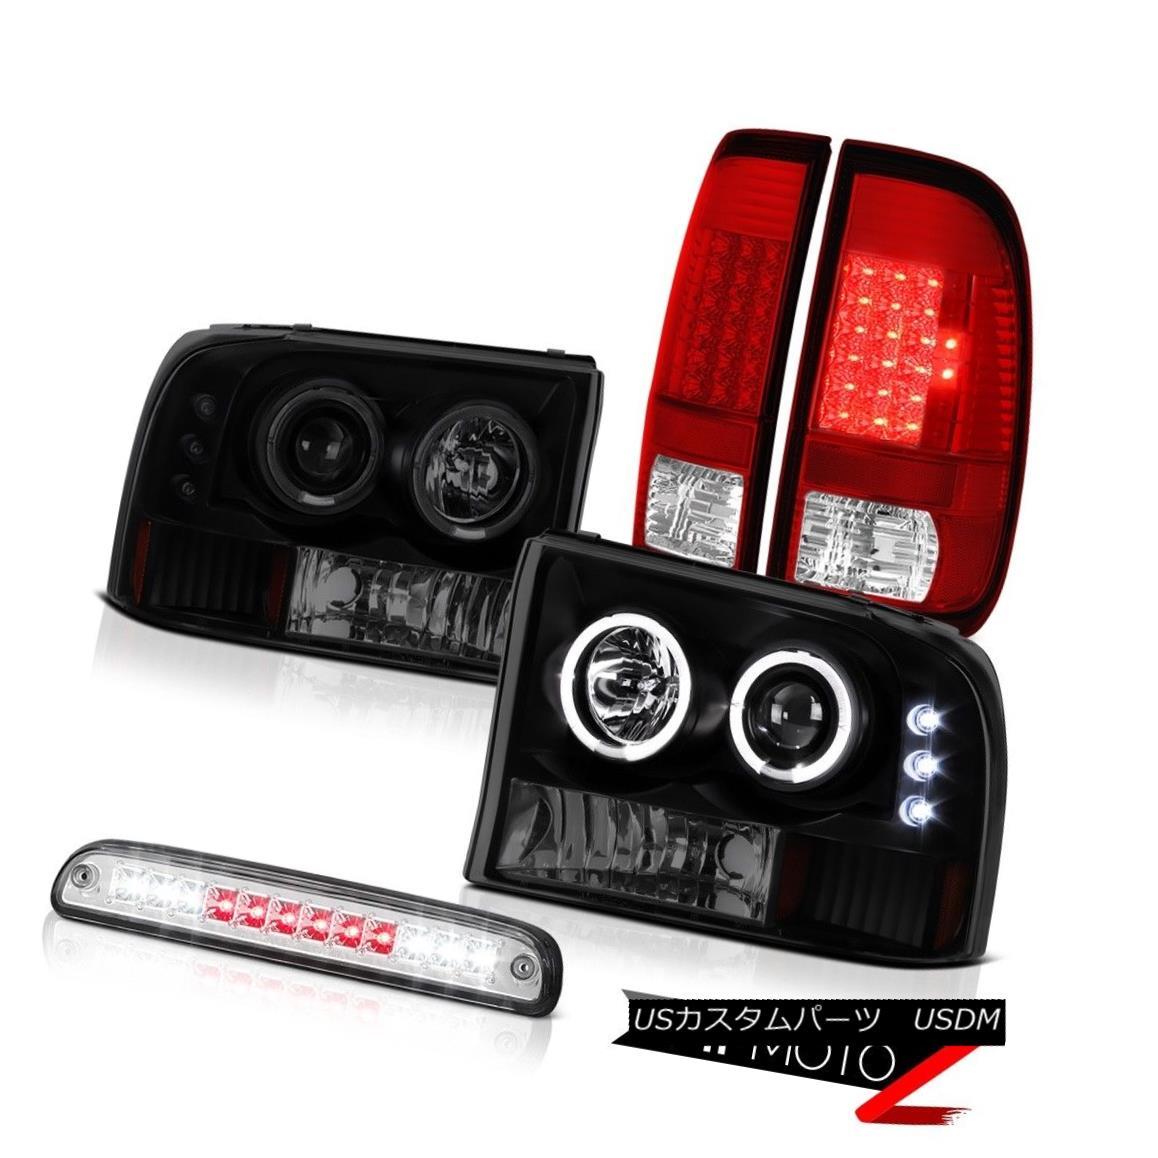 車用品 バイク用品 >> パーツ ライト ランプ ヘッドライト 99-04 F250 7.3L 2X LED Projector Signal LEDプロジェクターヘッドランプ信号テールライトルーフブレーキ 絶品 Tail Halo Headlamps Brake 高品質 Lights Roof